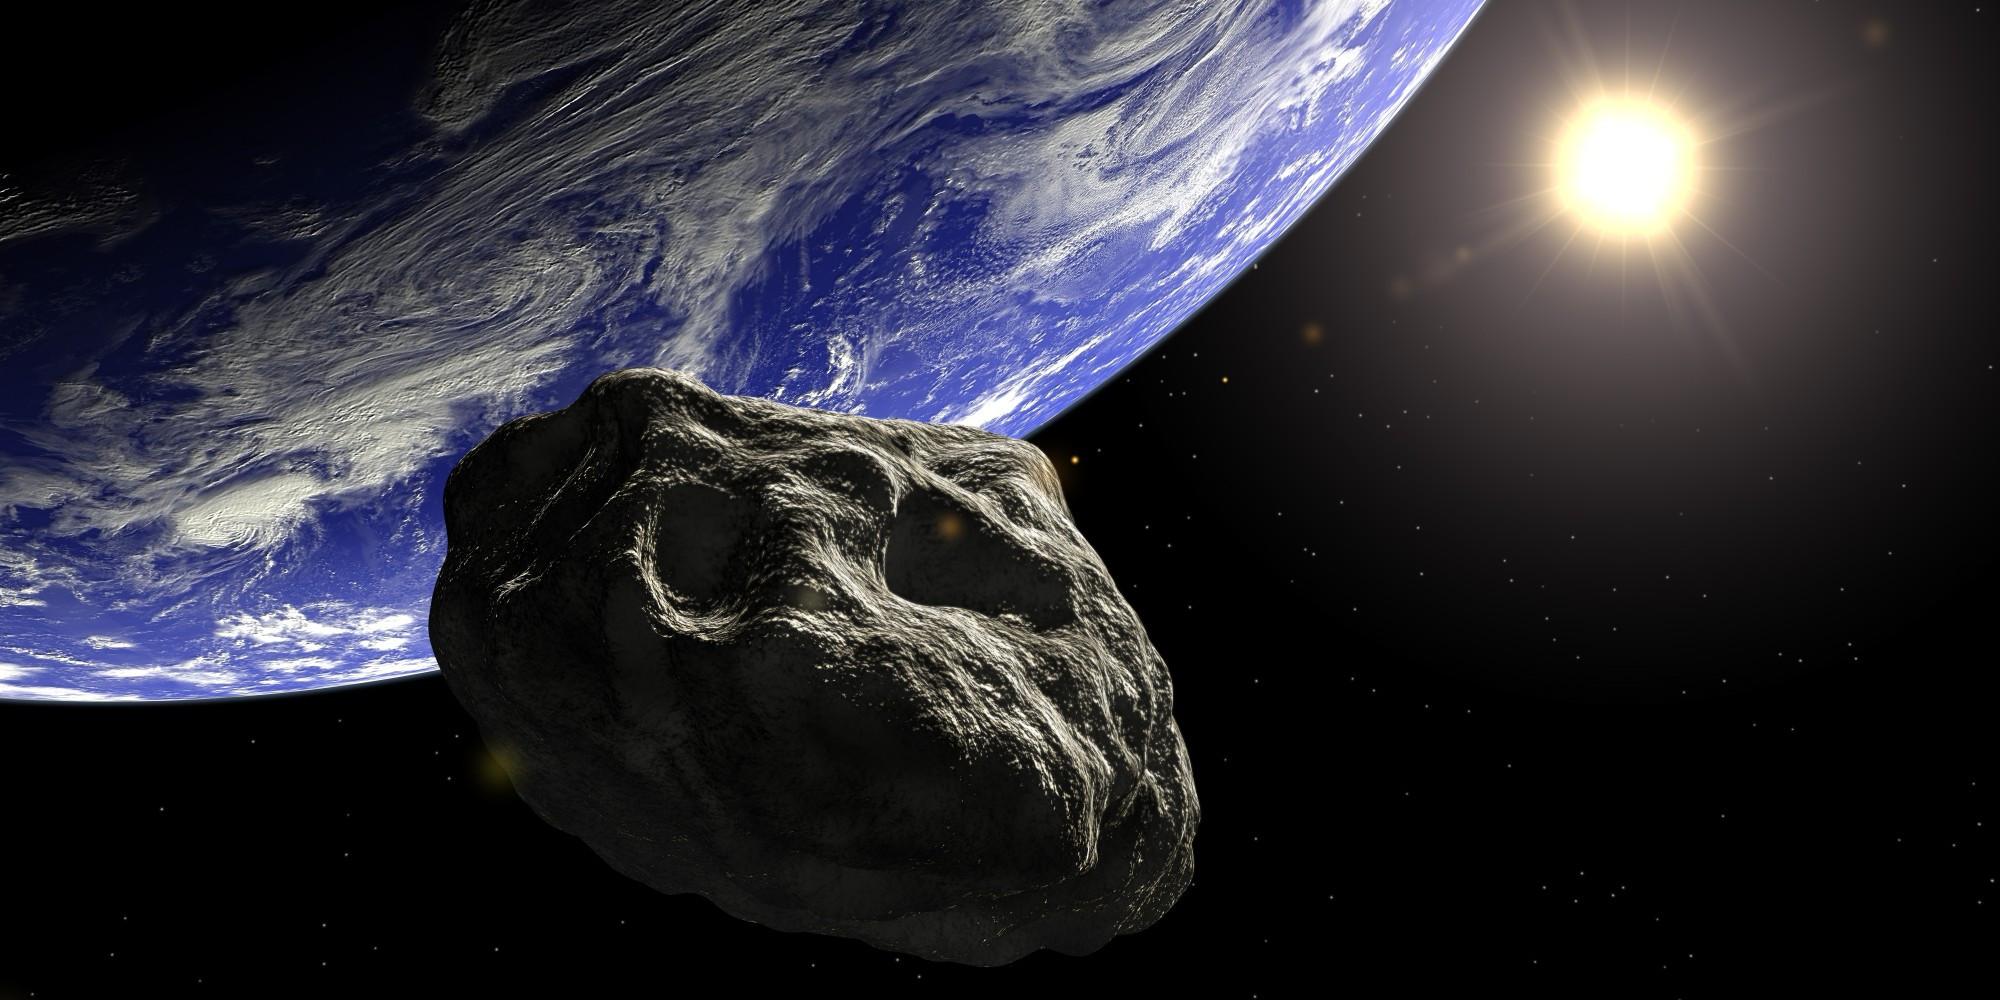 Ученые вычислили размер астероида, способного уничтожить Землю